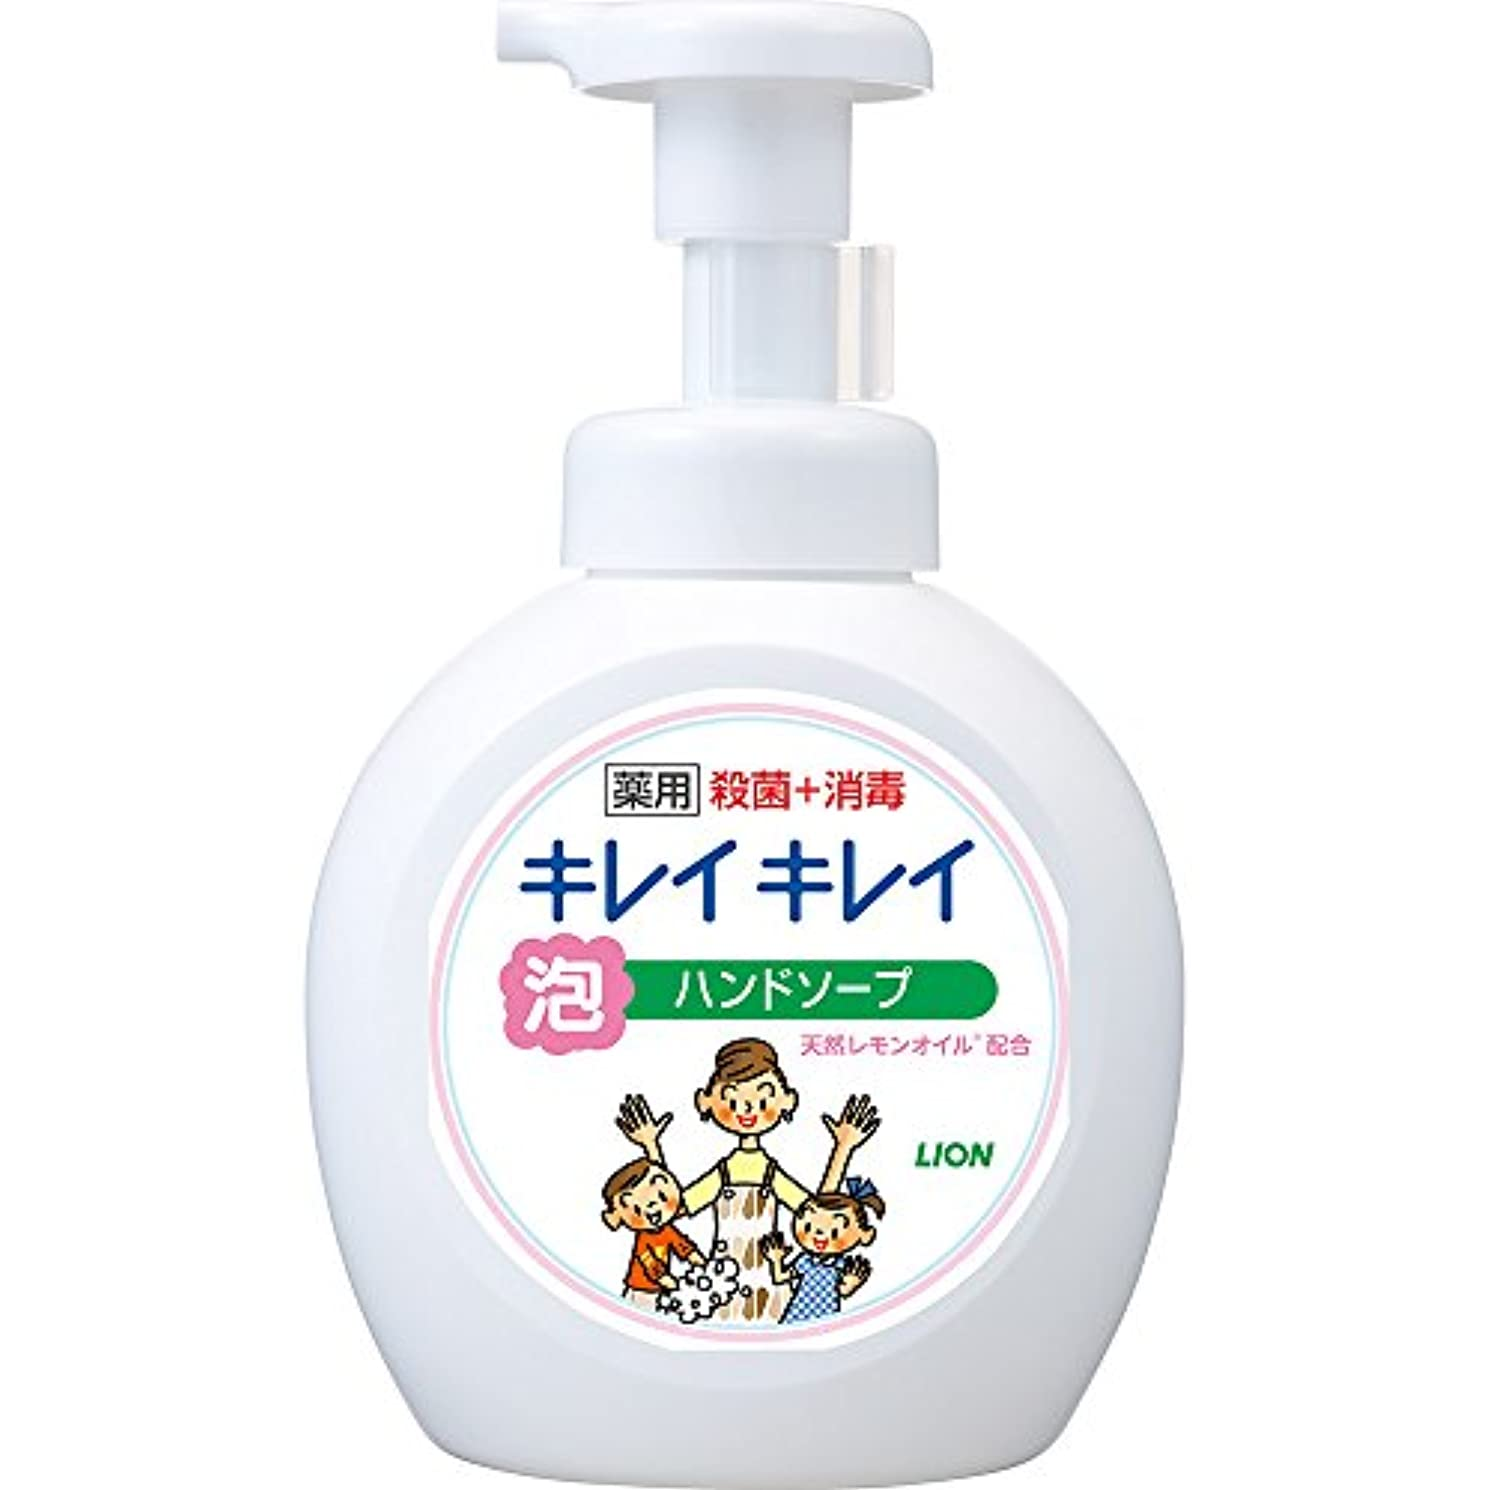 考古学ヘッドレスガイドラインキレイキレイ 薬用 泡ハンドソープ シトラスフルーティの香り 本体ポンプ 大型サイズ 500ml(医薬部外品)